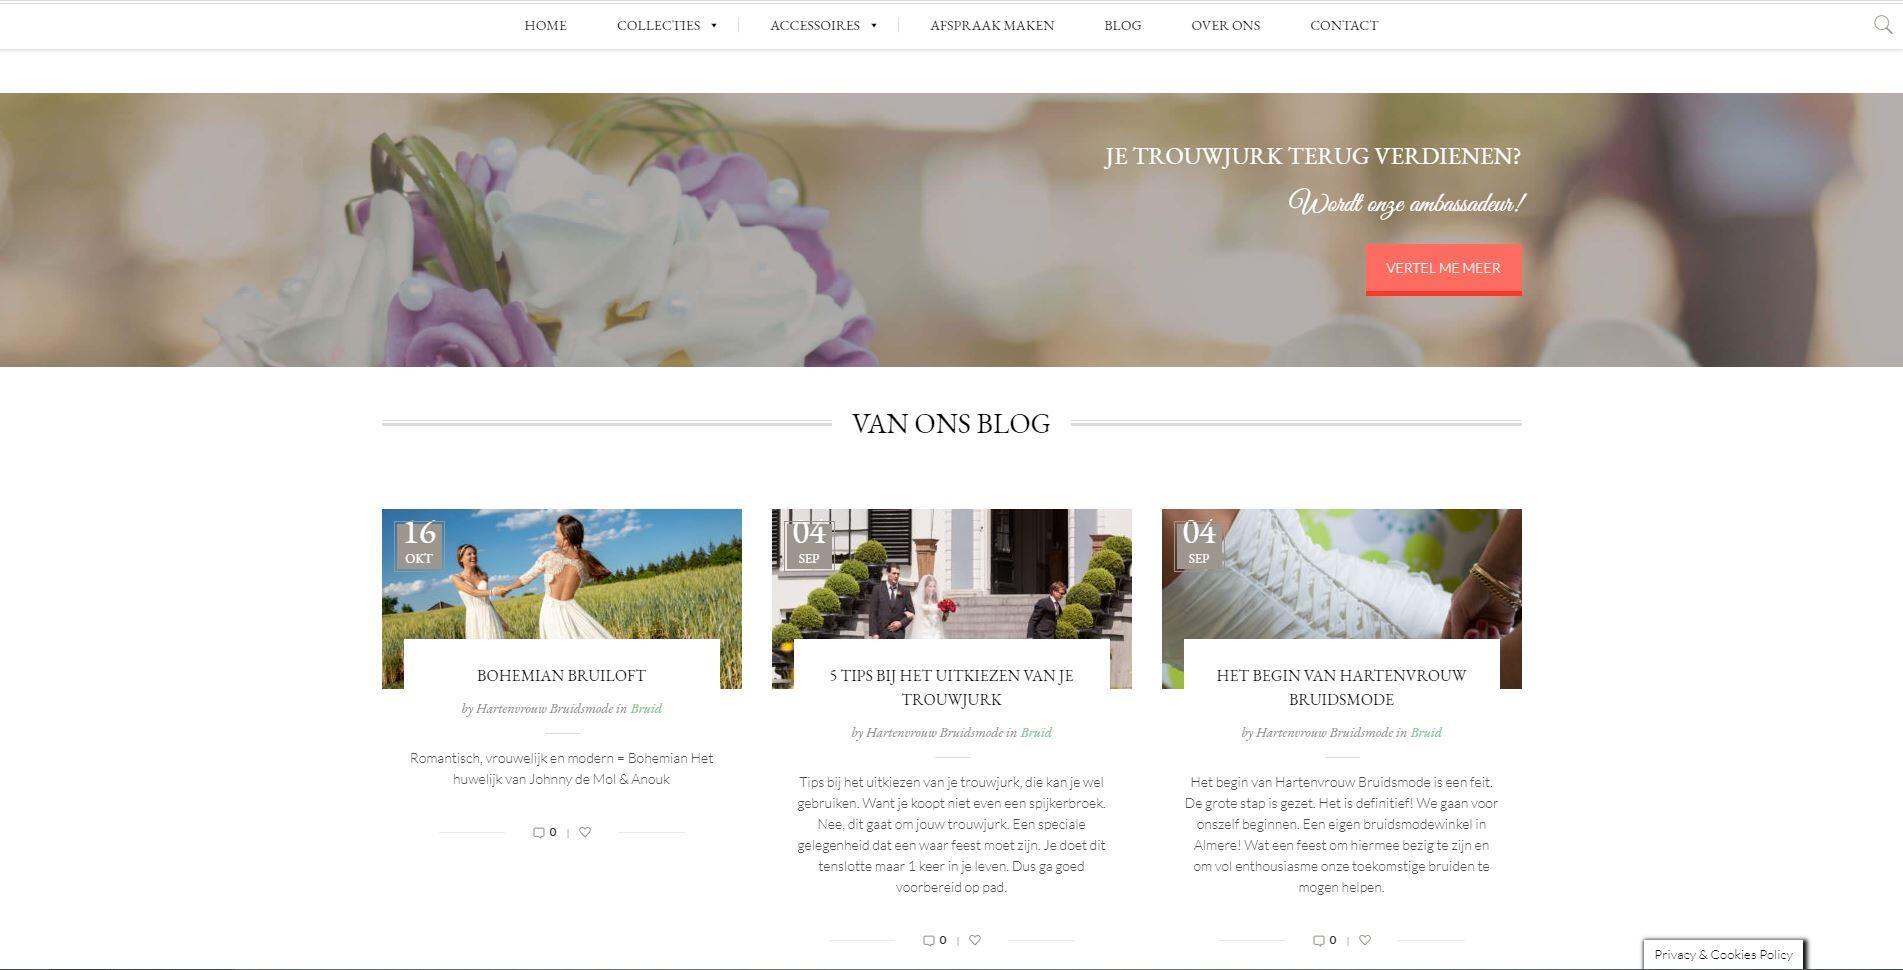 website laten maken voor een bruidsmode zaak